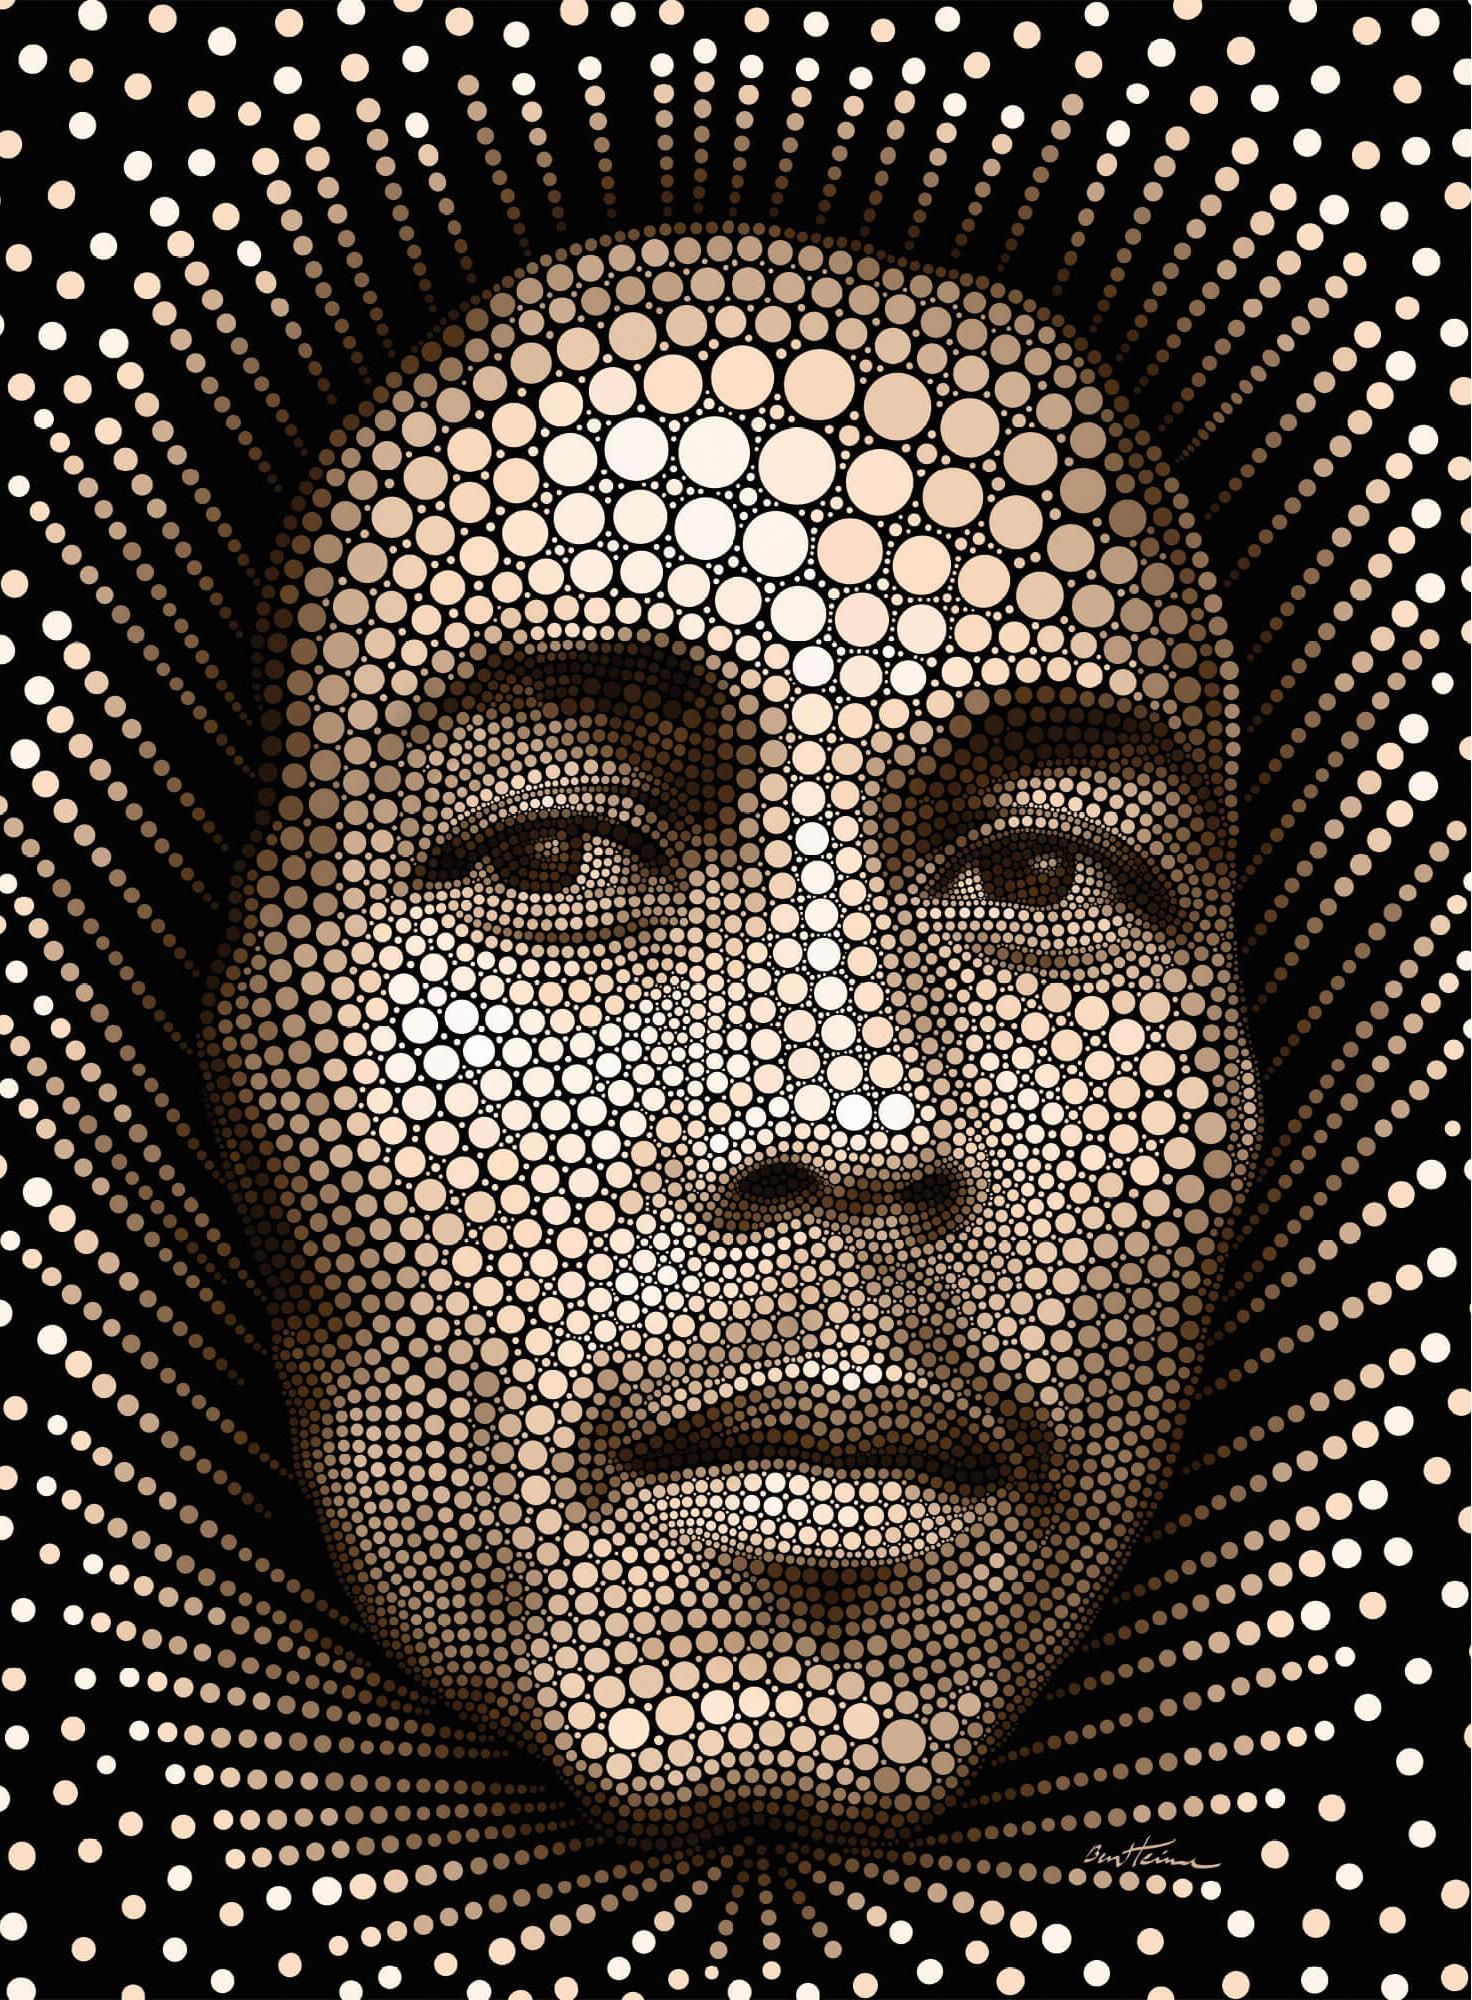 Vliestapete Ben Heine Circlism: Bob Marley Wohnen/Wohntextilien/Tapeten/Fototapeten/Fototapeten Kunst